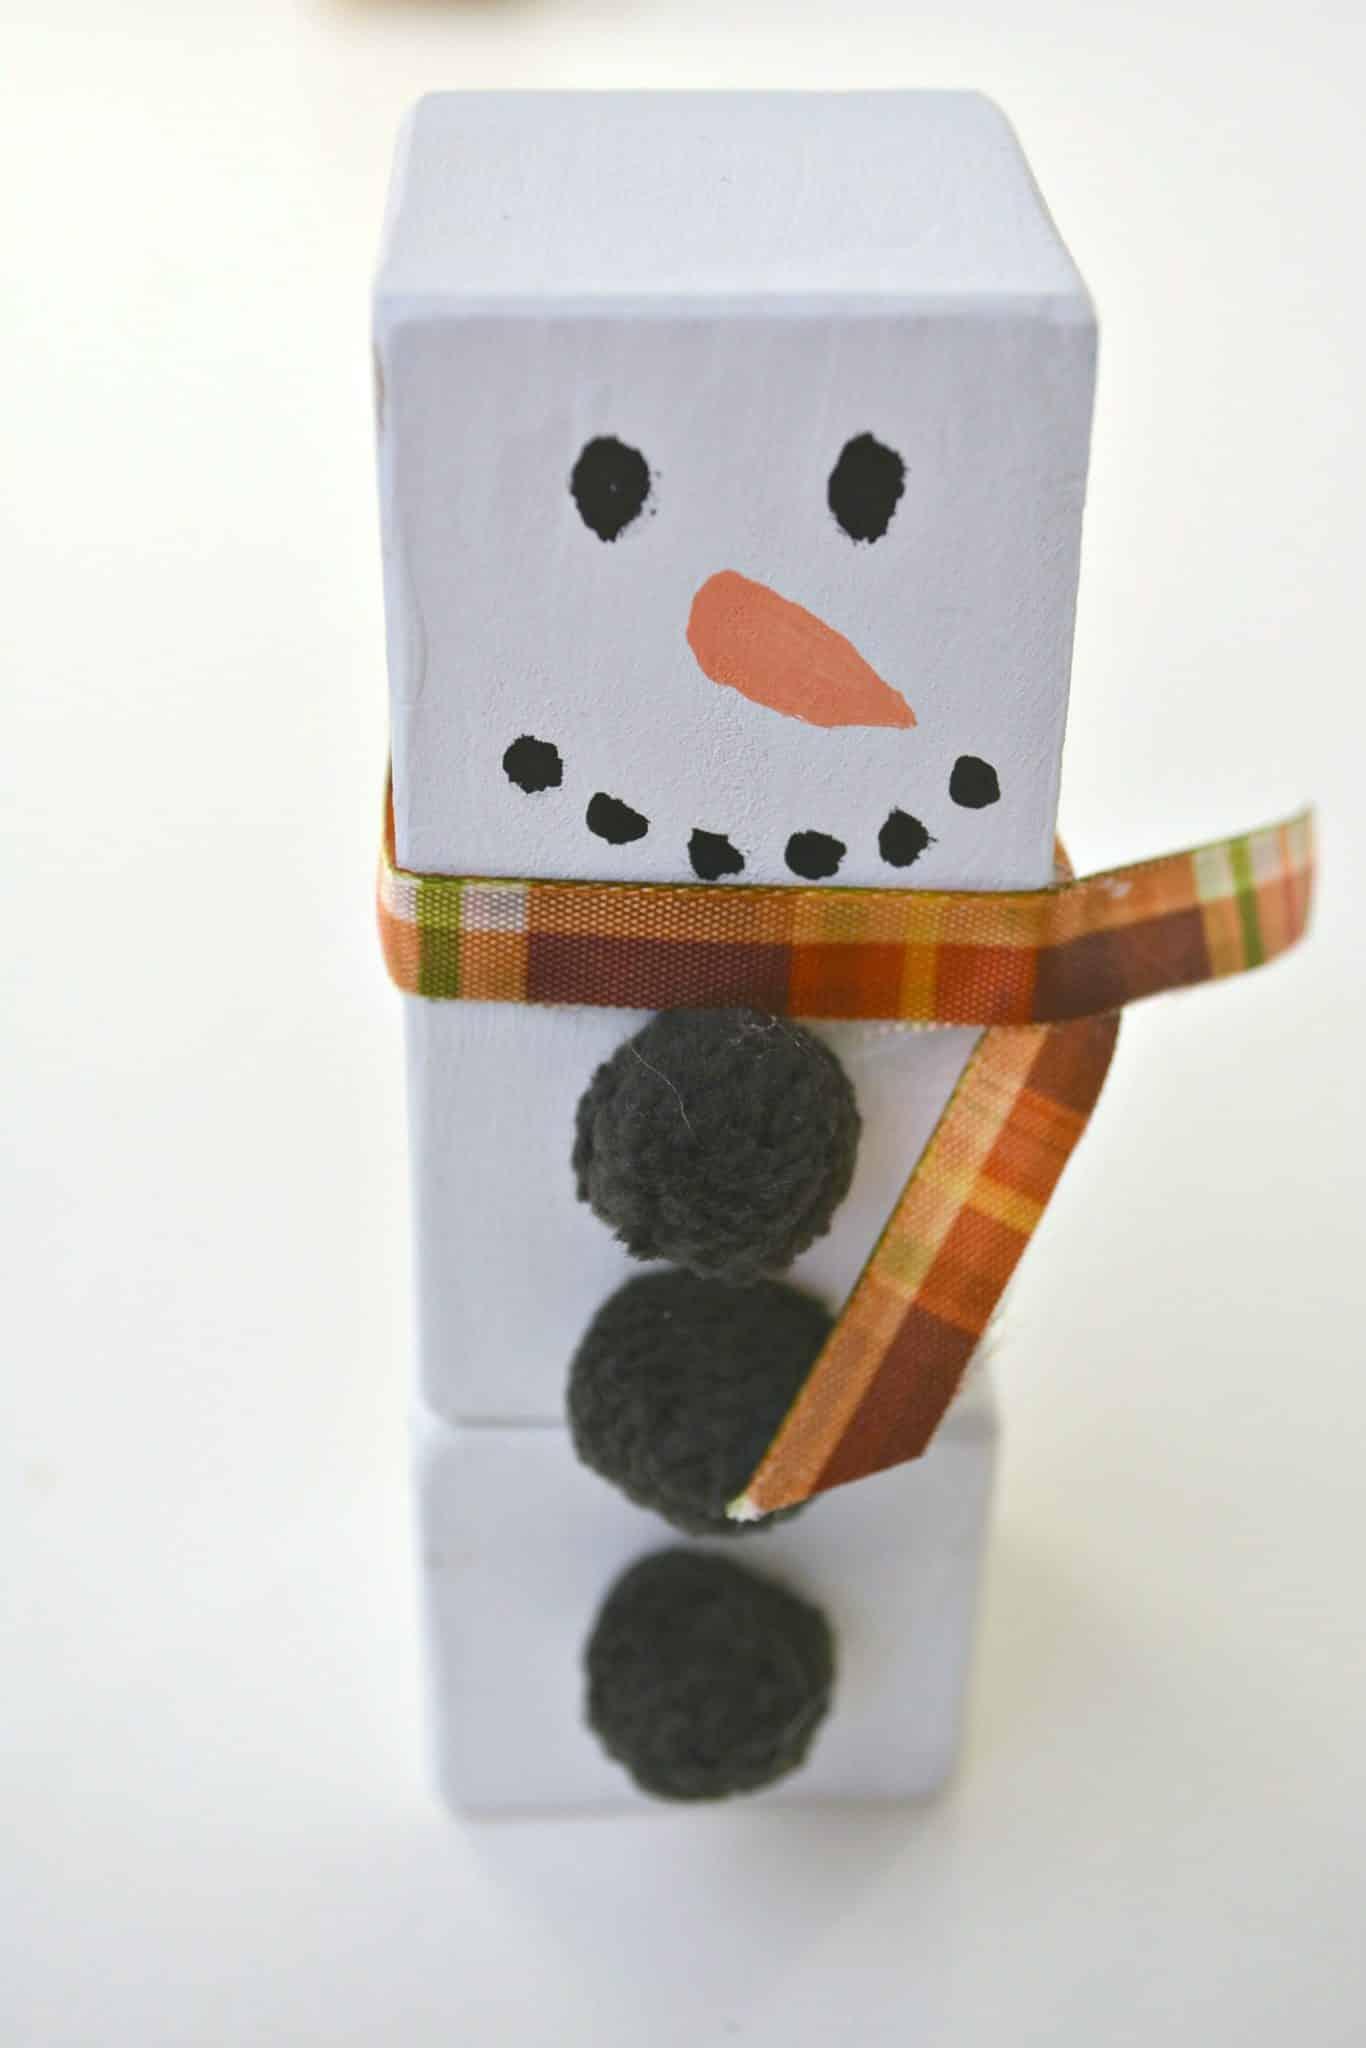 wood block snowman ornament step 5